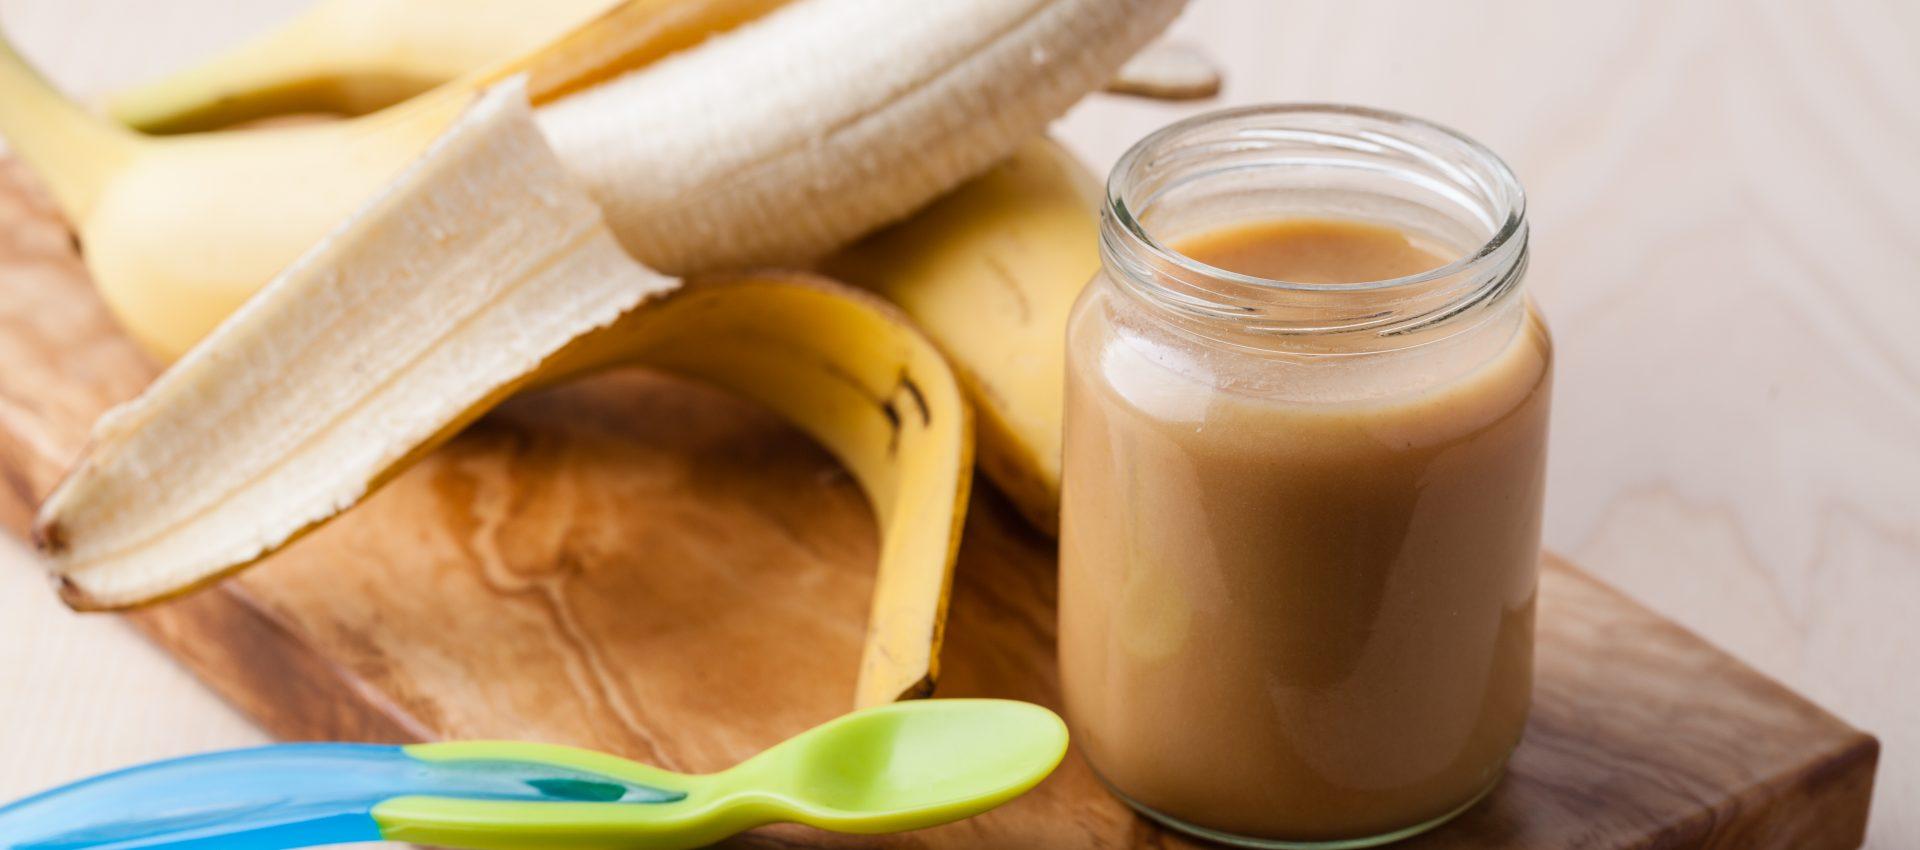 Compote banane au cookeo